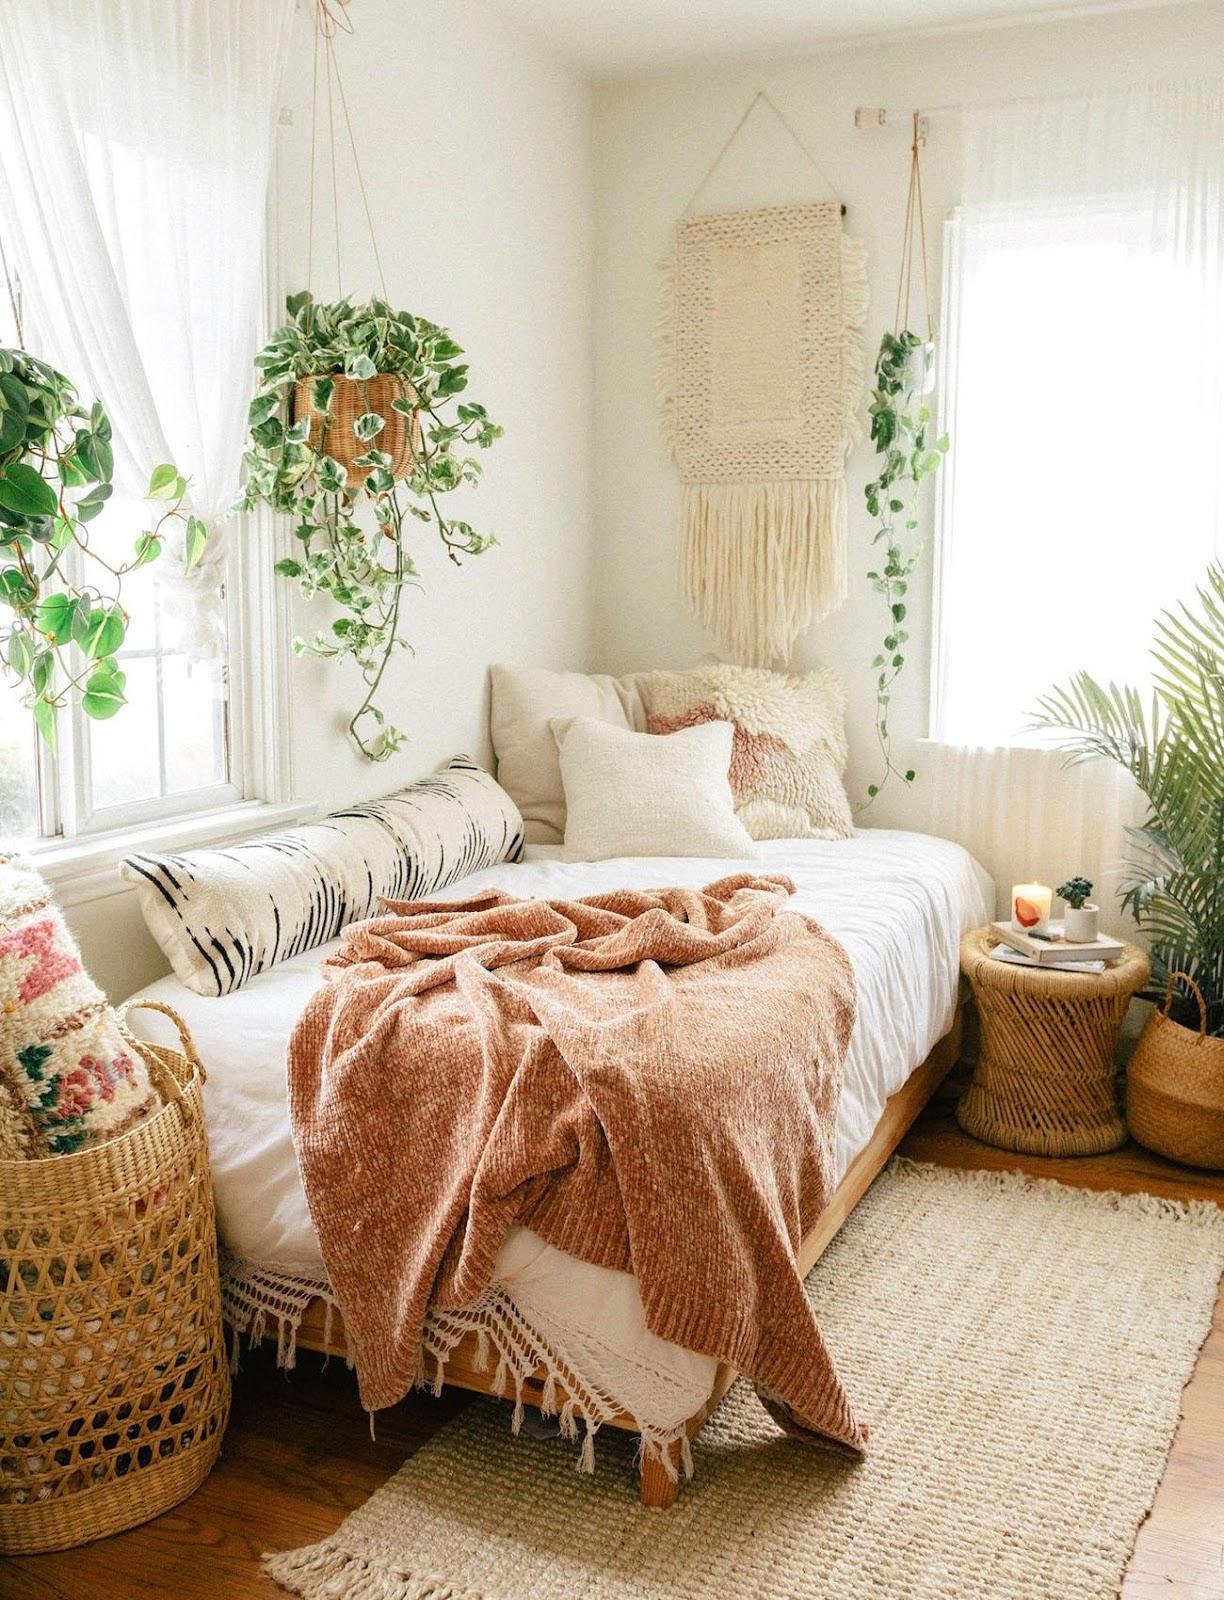 O imagine care conține interior, fereastră, pat, dormitor  Descriere generată automat